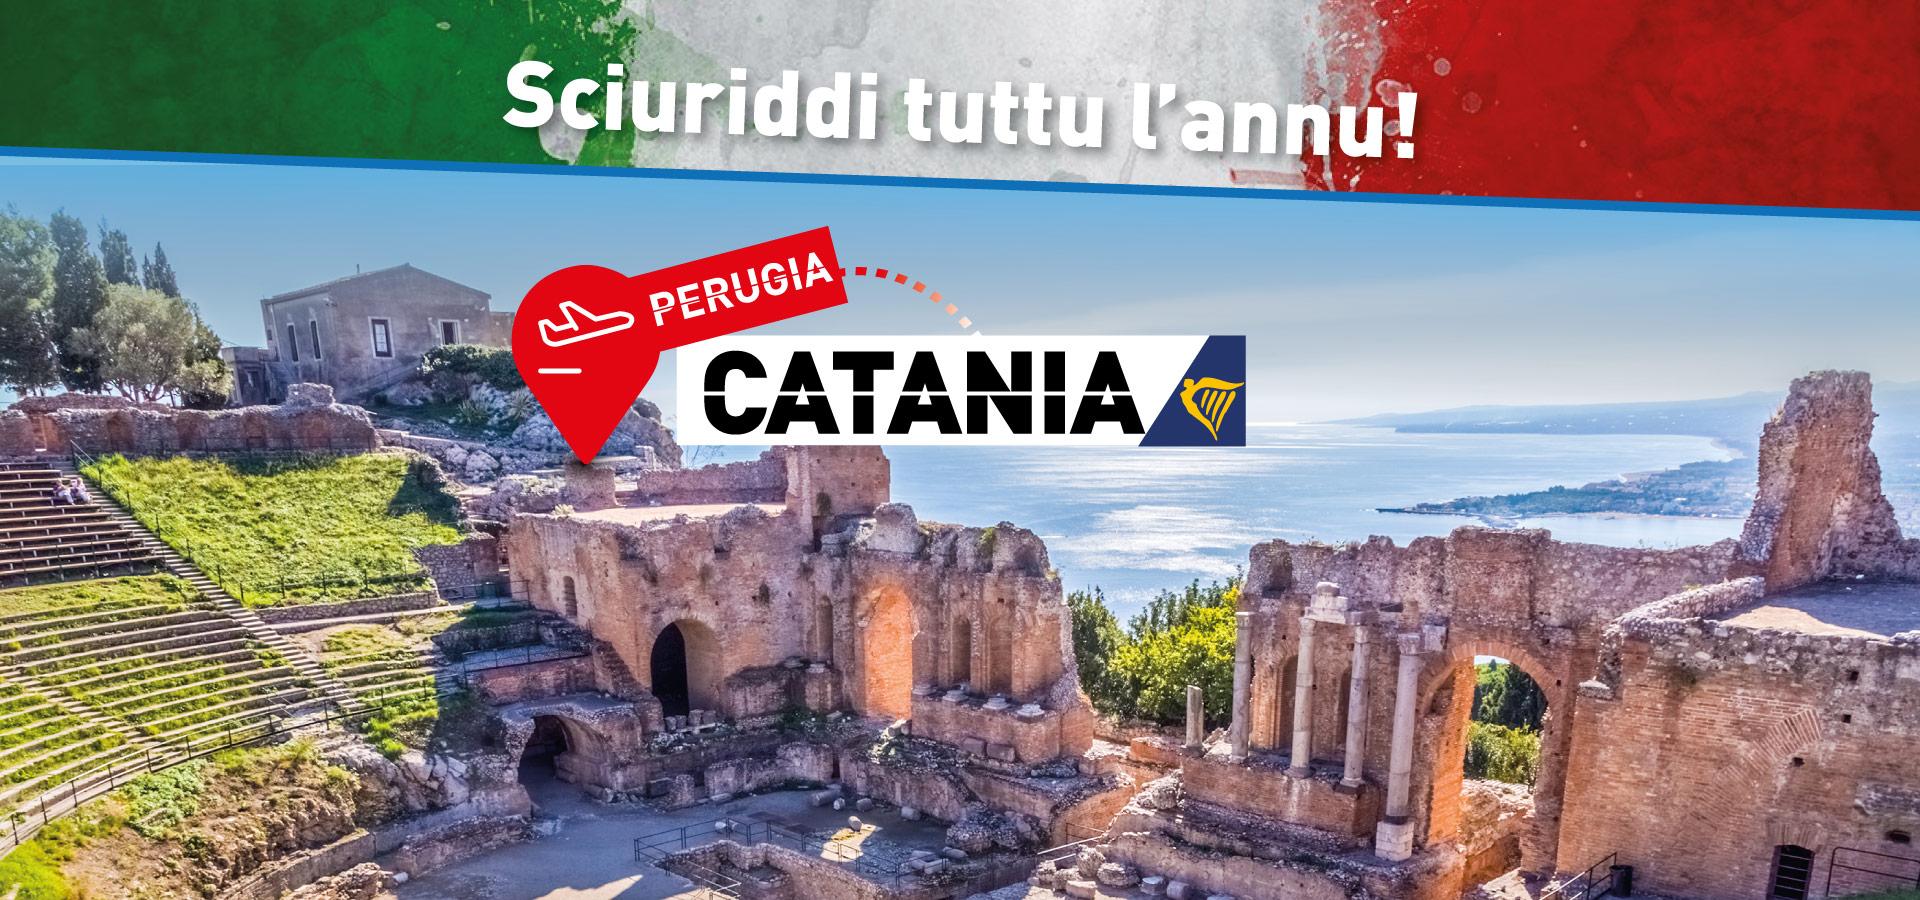 2019_catania-header2